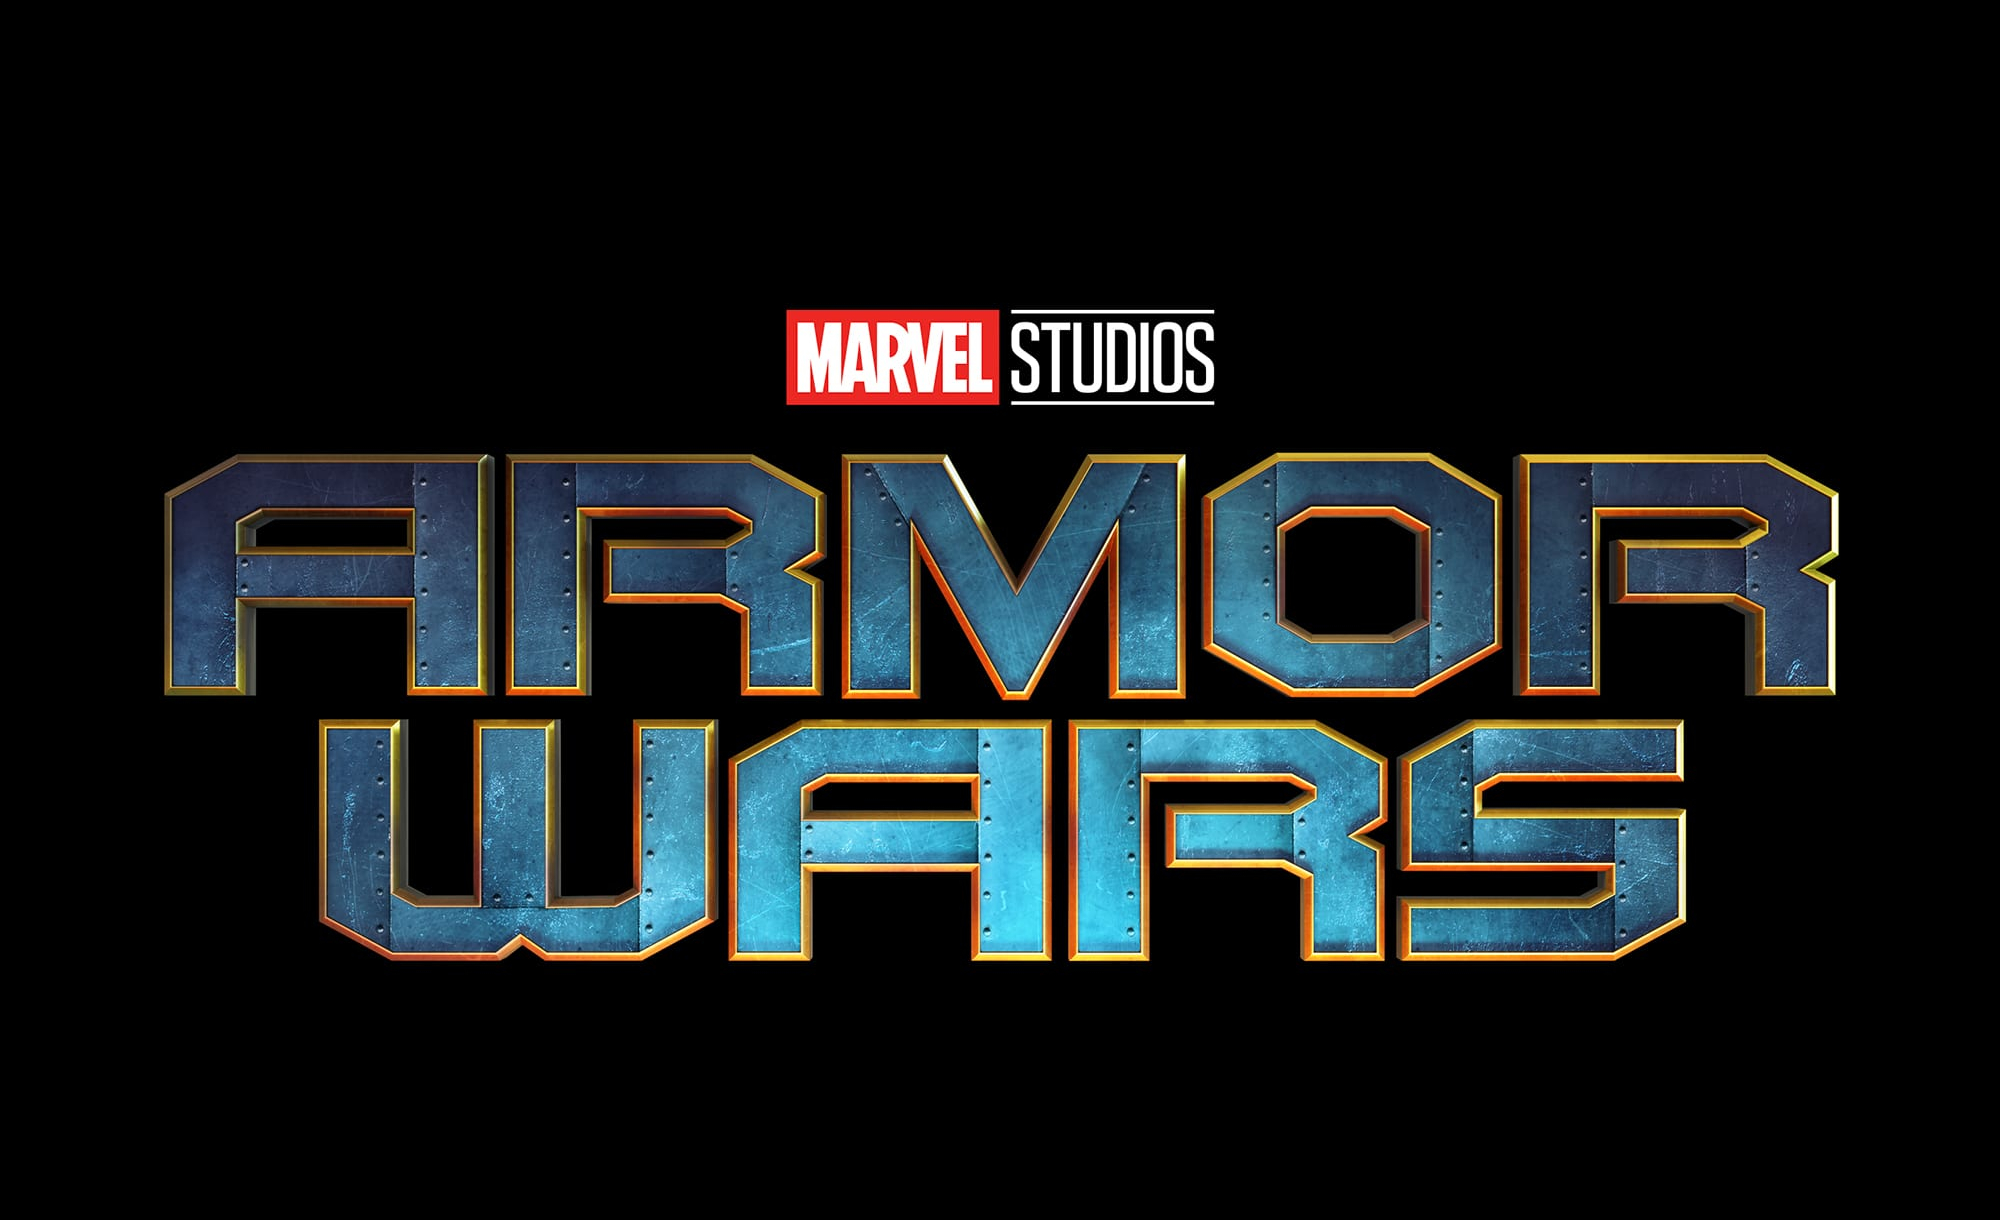 Armor Wars: la serie Marvel di Disney+ avrà Yassir Lester come sceneggiatore